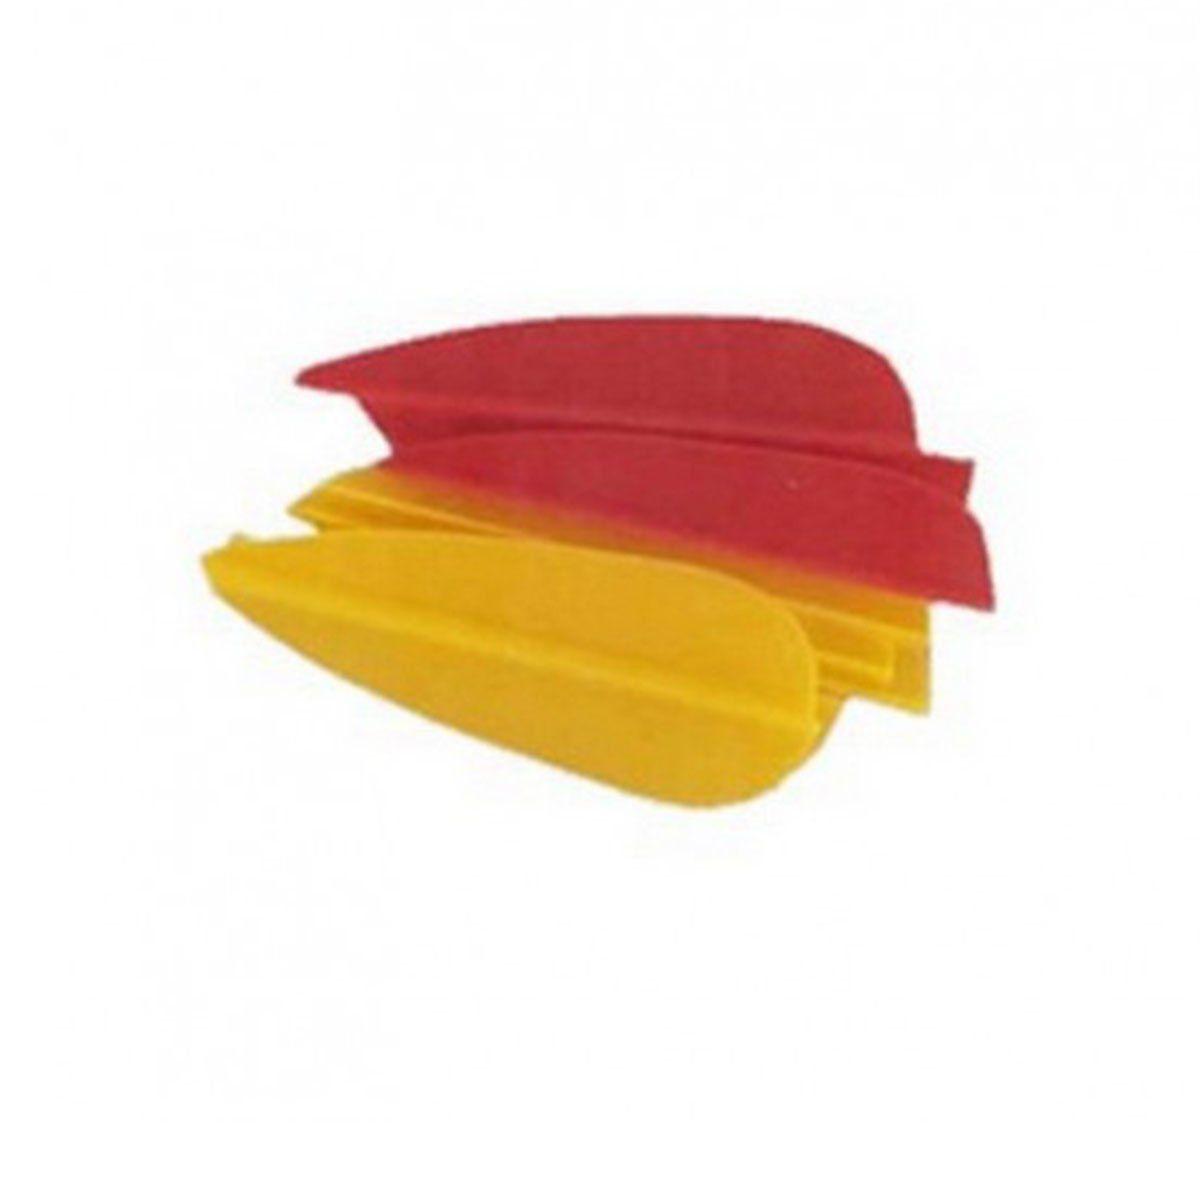 Penas em Nylon de 30 p / flechas